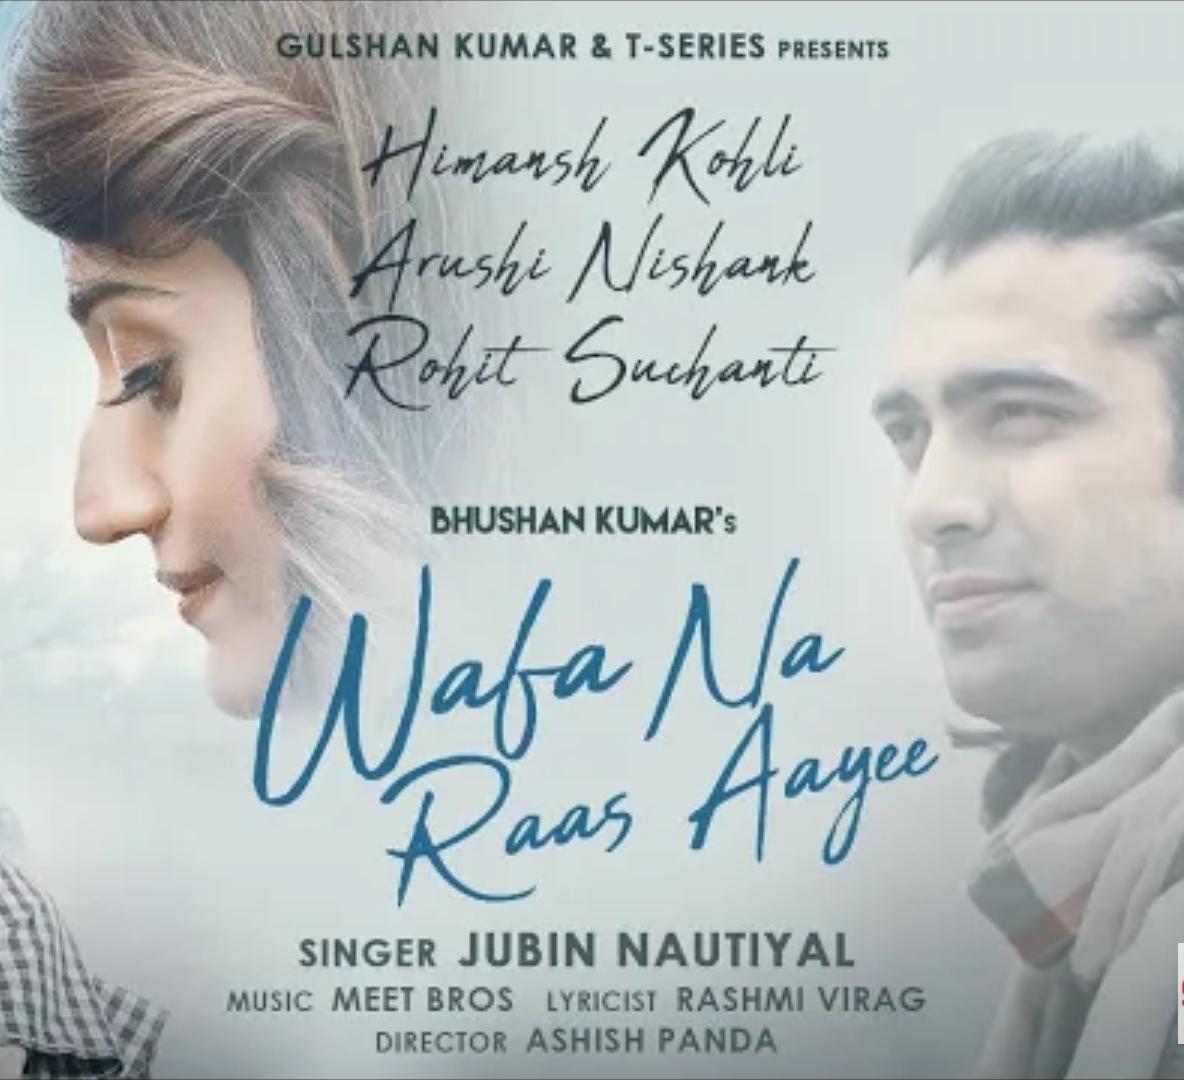 Wafa Na Raas Aayee Jubin Nautiyal Mp3 Song, Wafa na Raas aayee song Download